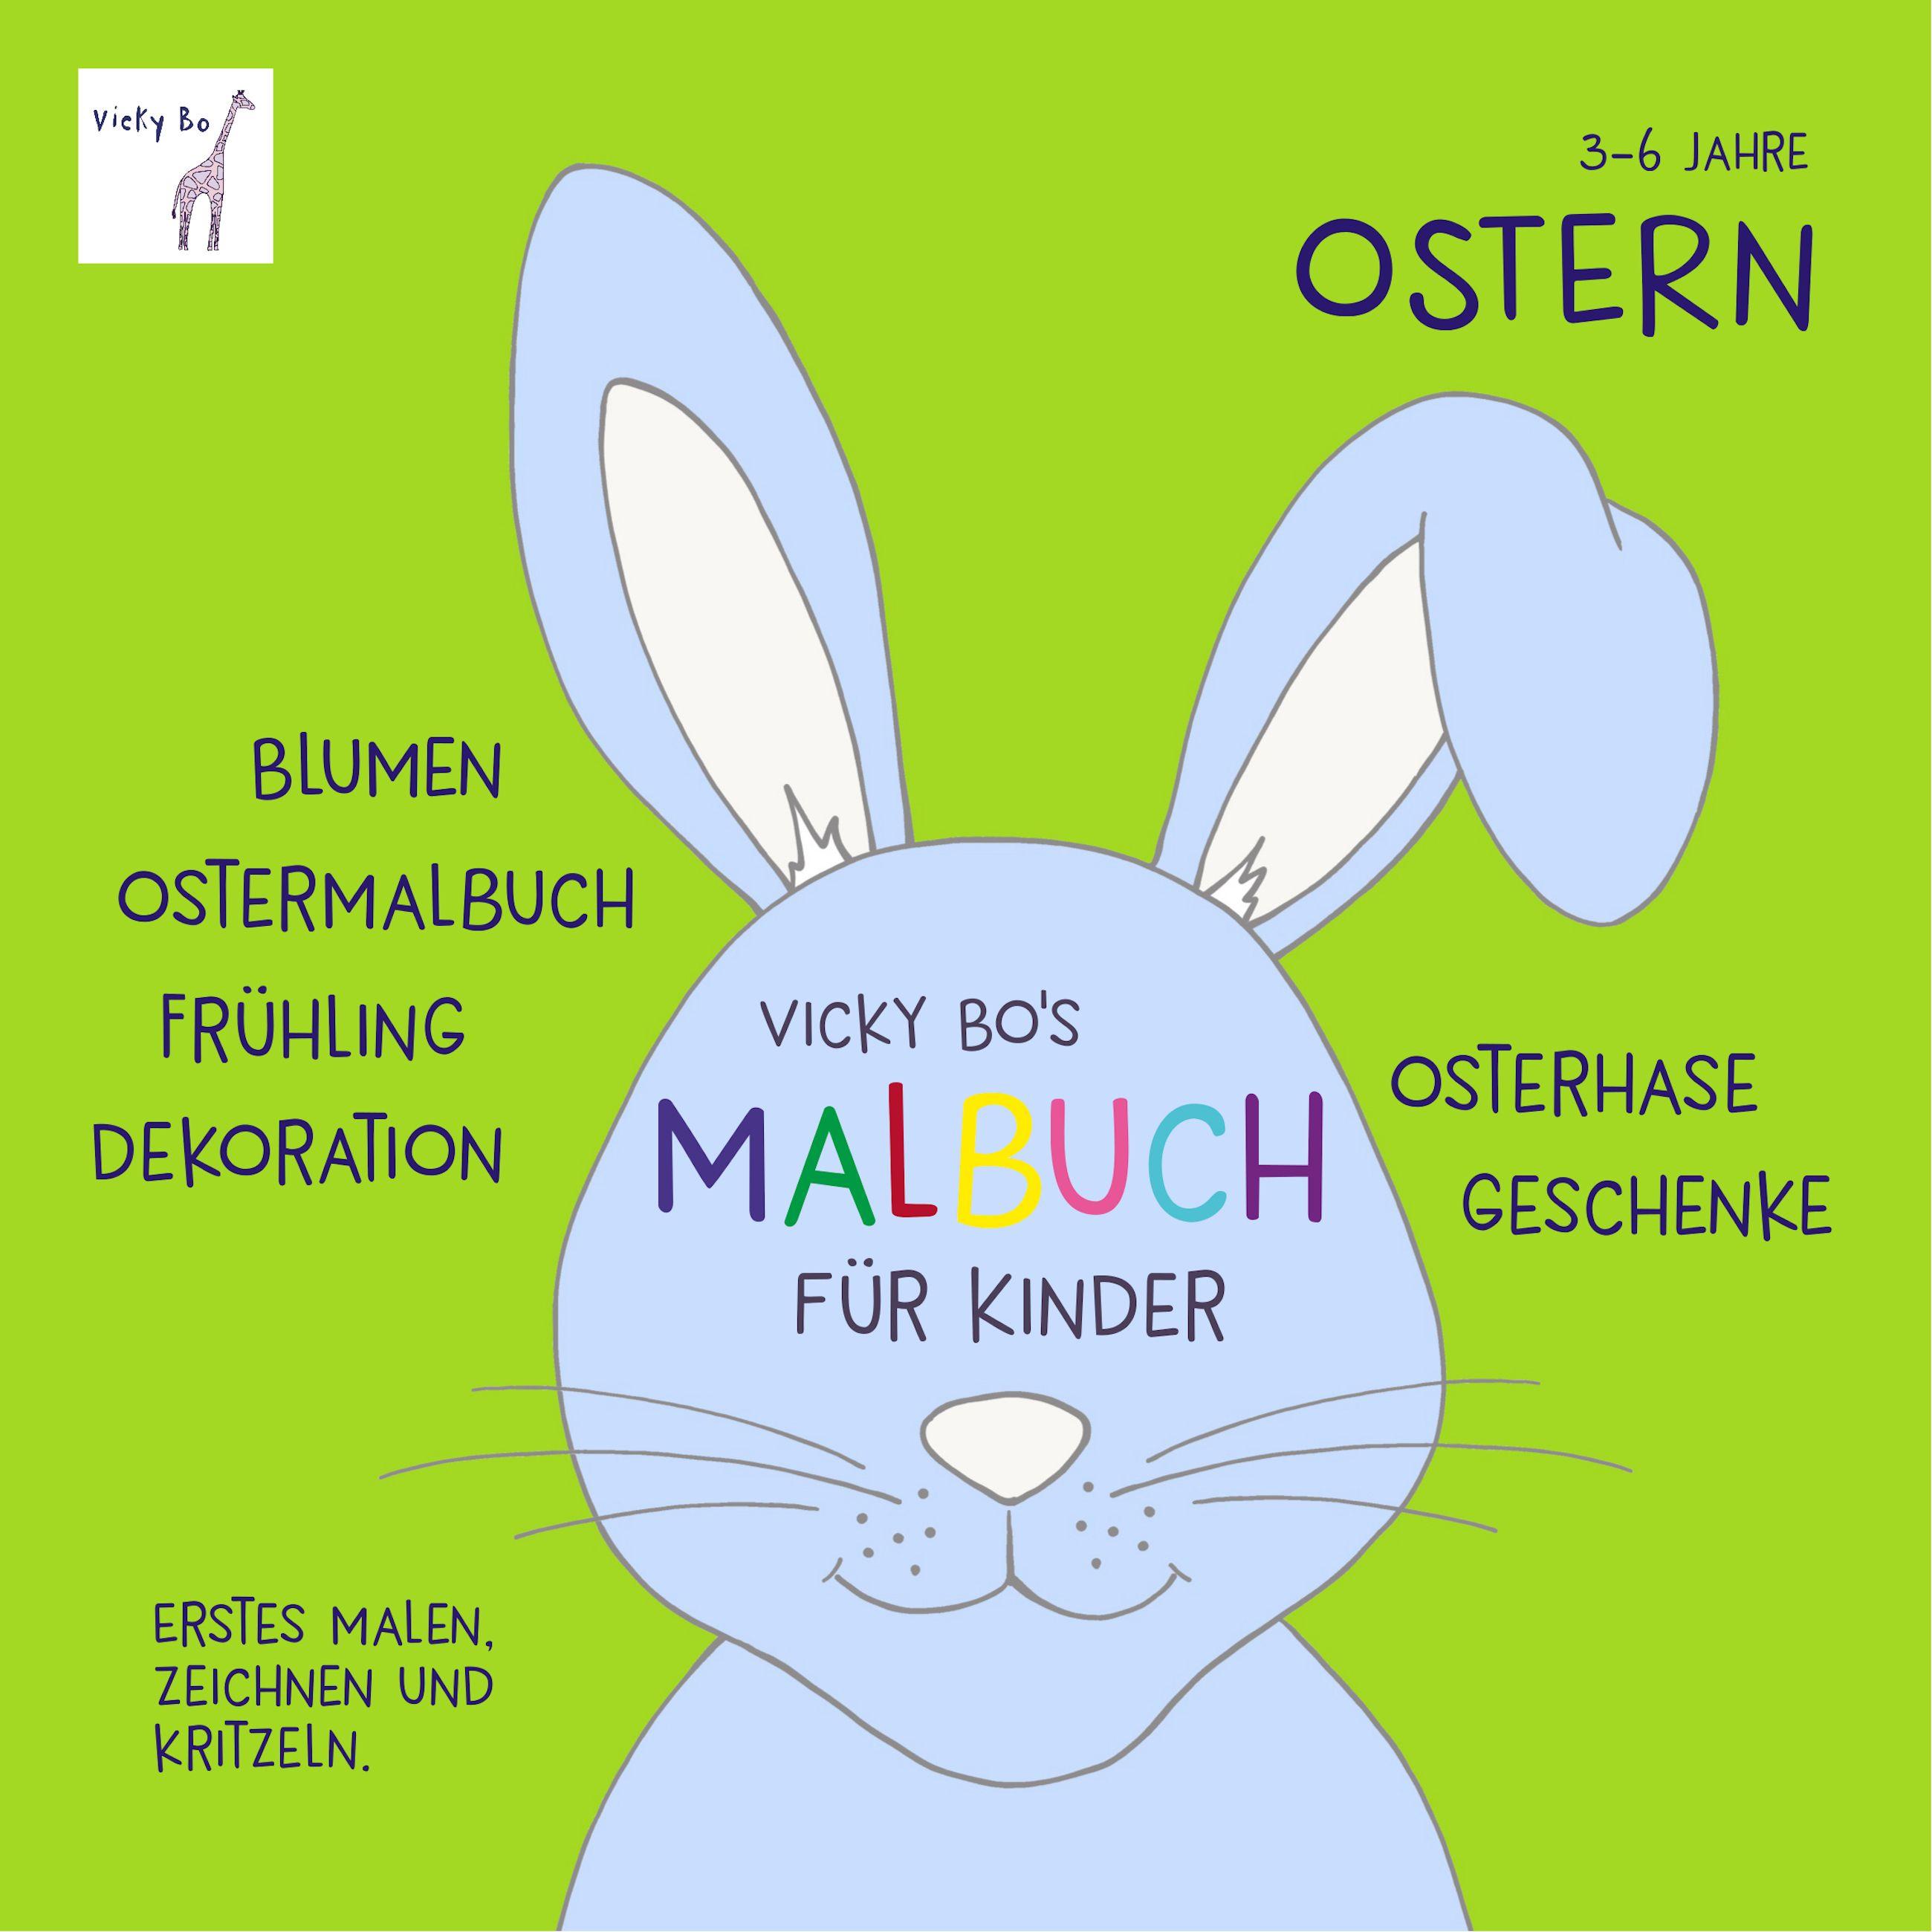 Malbuch Ostern ab 3 Jahre von Vicky Bo: Blumen, Ostermalbuch, Frühlin